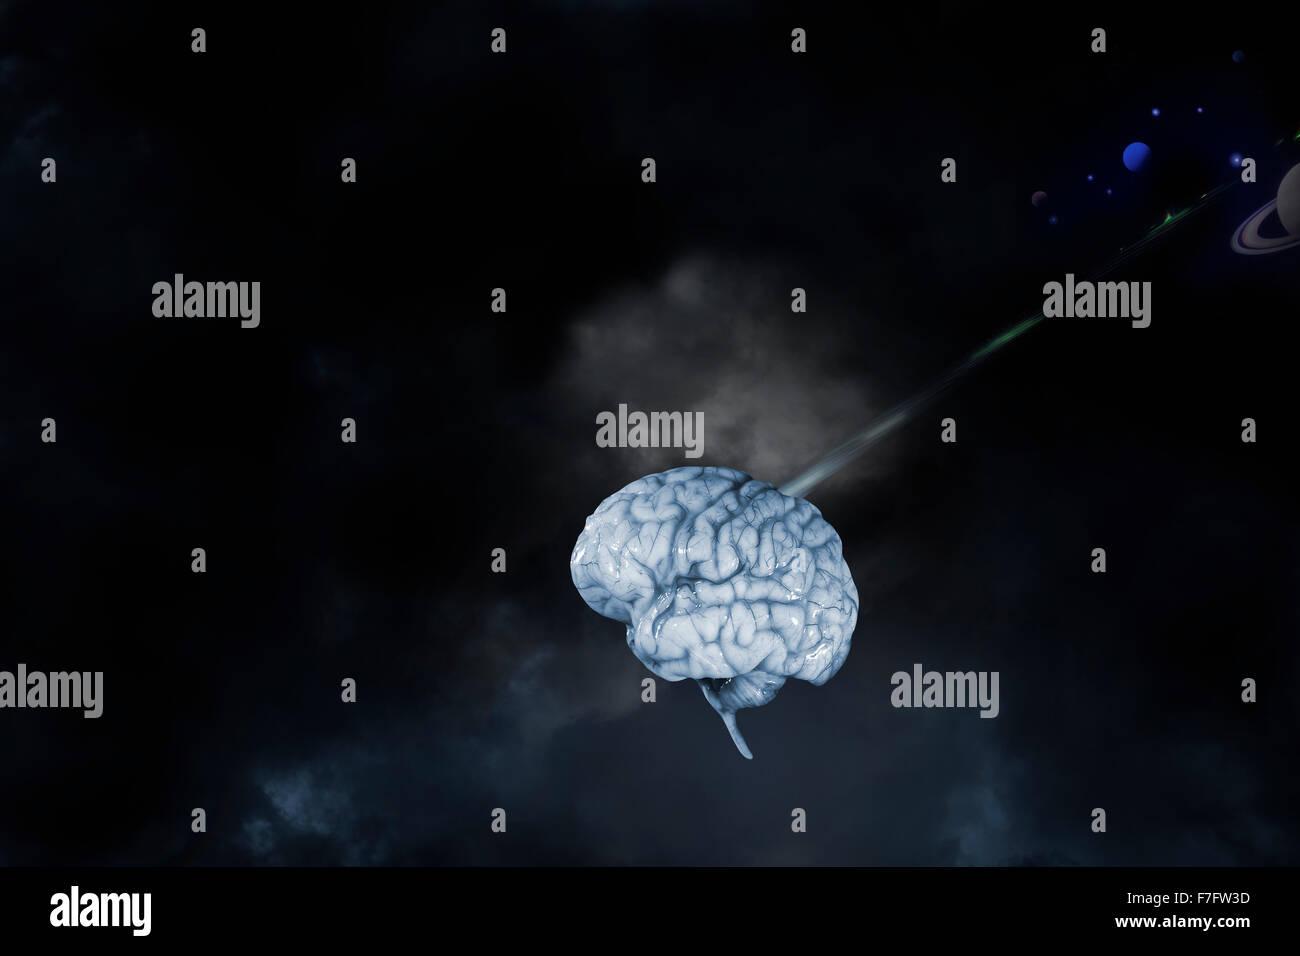 menschliche Gehirn im Weltraum, Kommunikation Stockbild